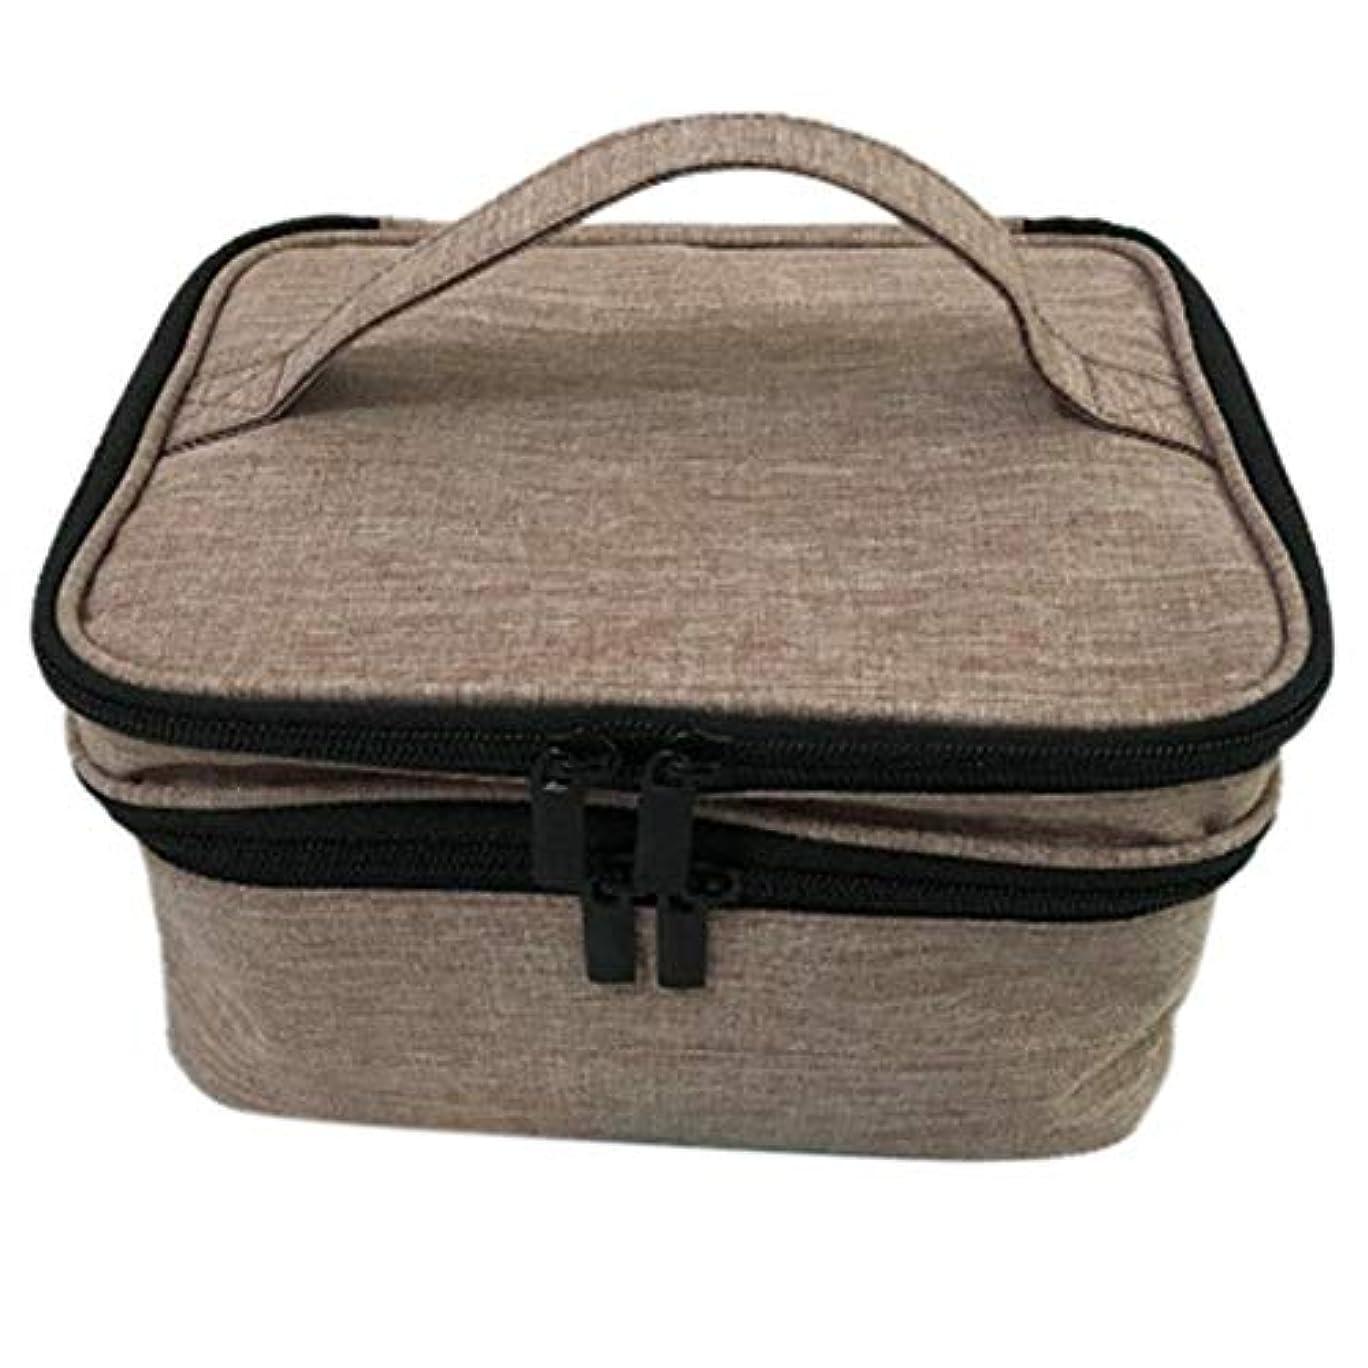 五十求める桁収納バッグ 30格 仕切り エッセンシャルオイル 精油 保管袋 収納ボックス 収納ケース 精油ケース 香水収納バッグ 不織布 携帯便利 耐震 30本用 (5ml~30ml)